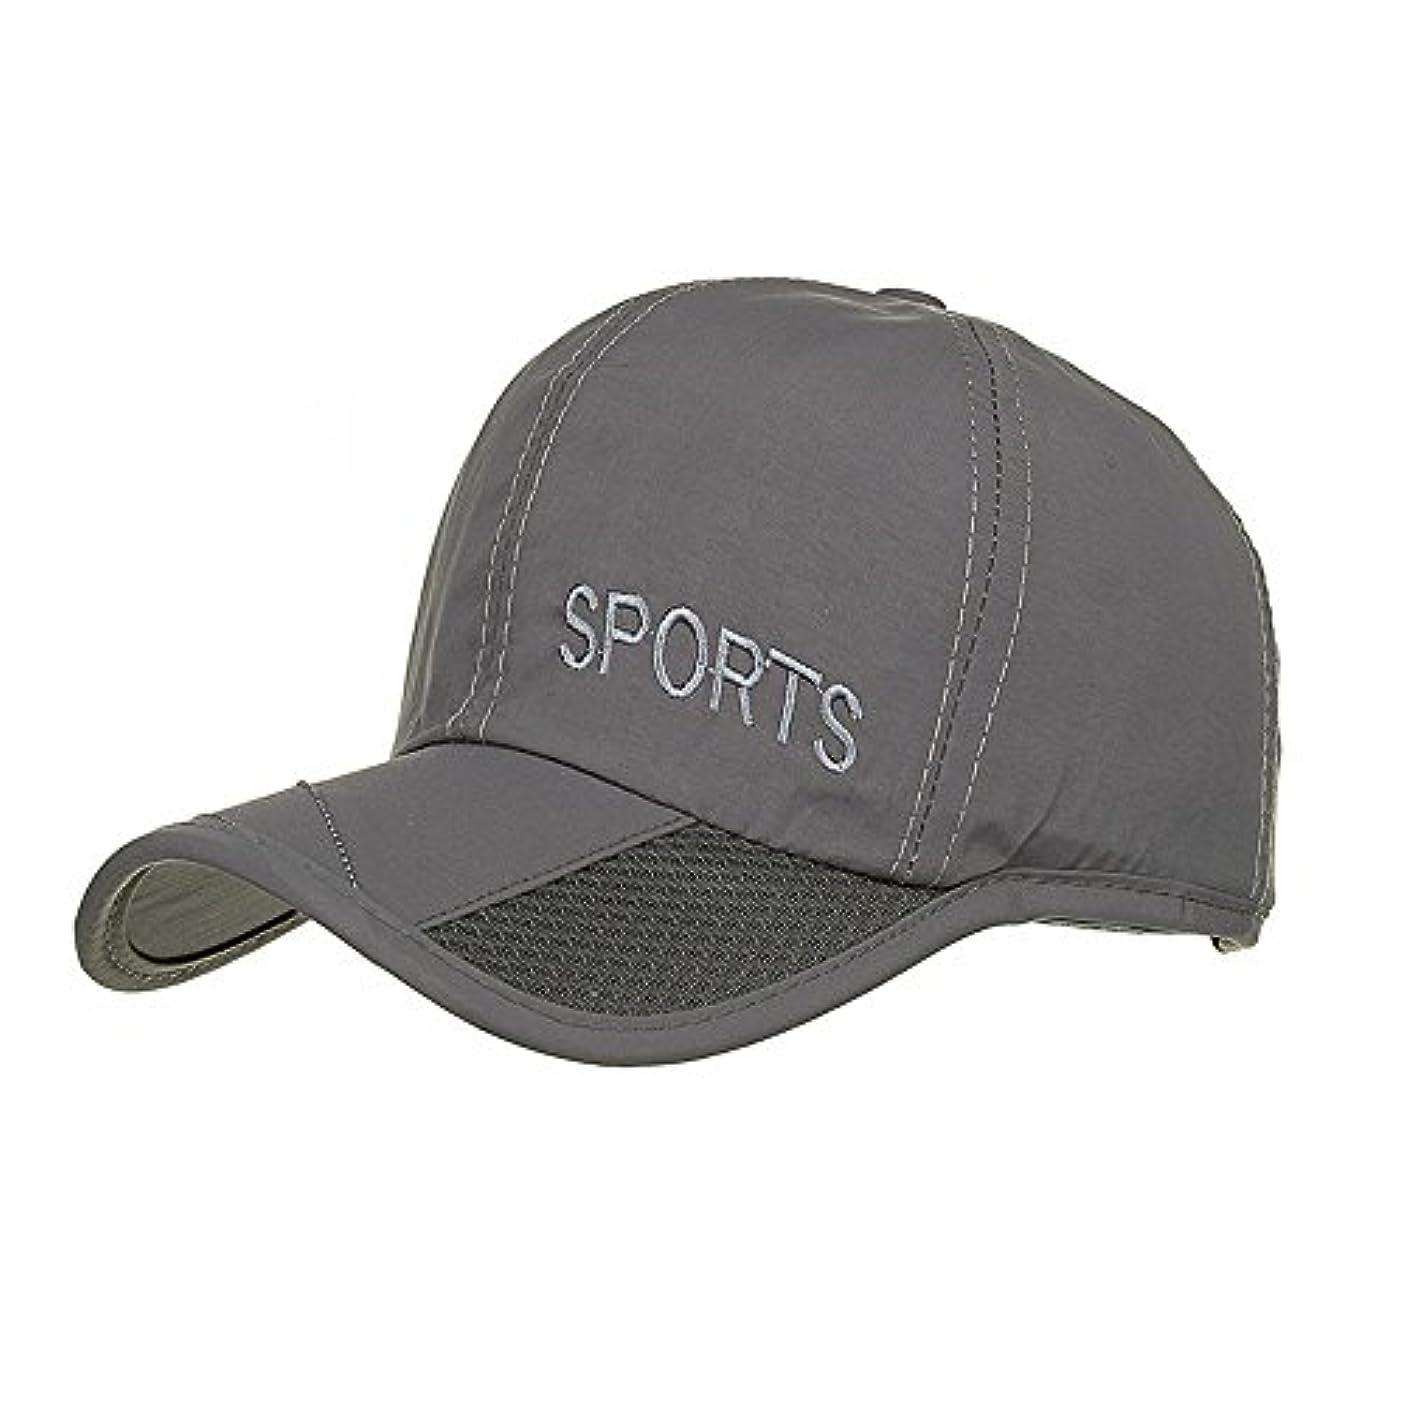 メニュー人形惑星Racazing Cap 男女兼用 野球帽 夏 登山 通気性のある メッシュ 帽子 ベルクロ 可調整可能 刺繍 棒球帽 UV 帽子 軽量 屋外 Unisex Hat (グレー)